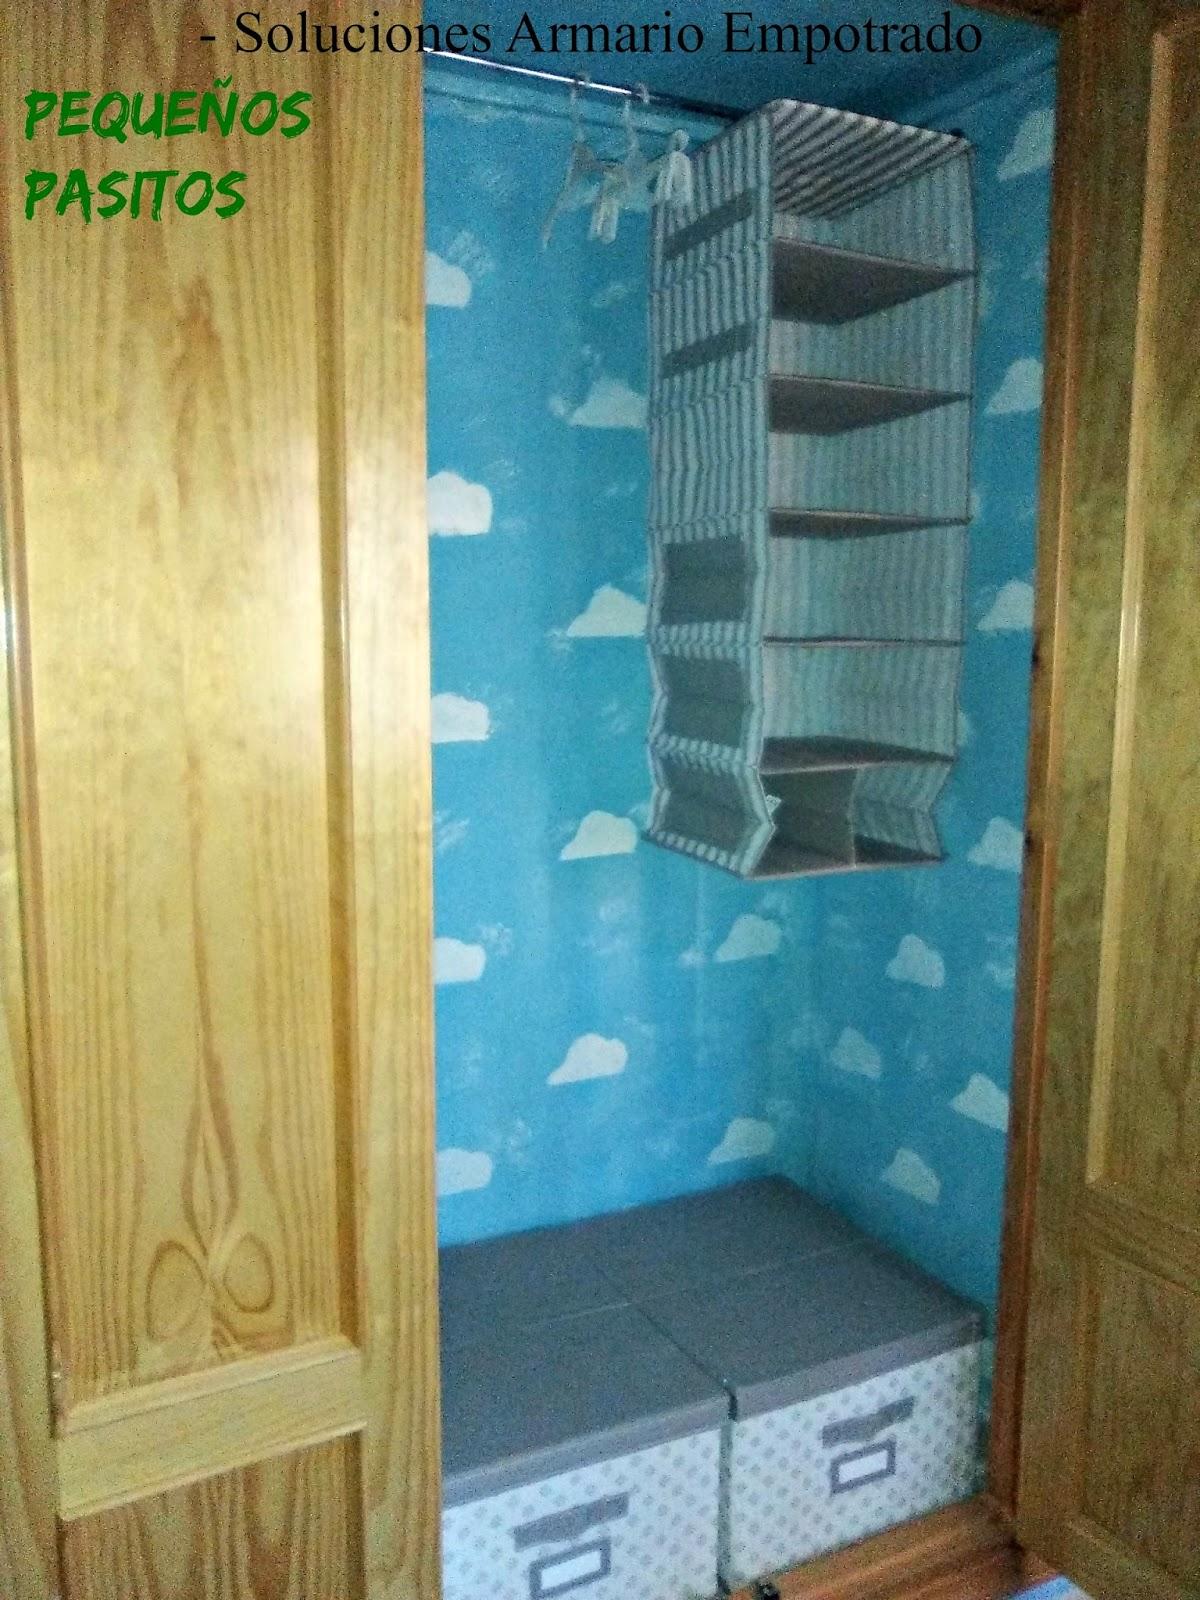 Decoracion armarios empotrados simple armario empotrado - Decorar armarios empotrados ...